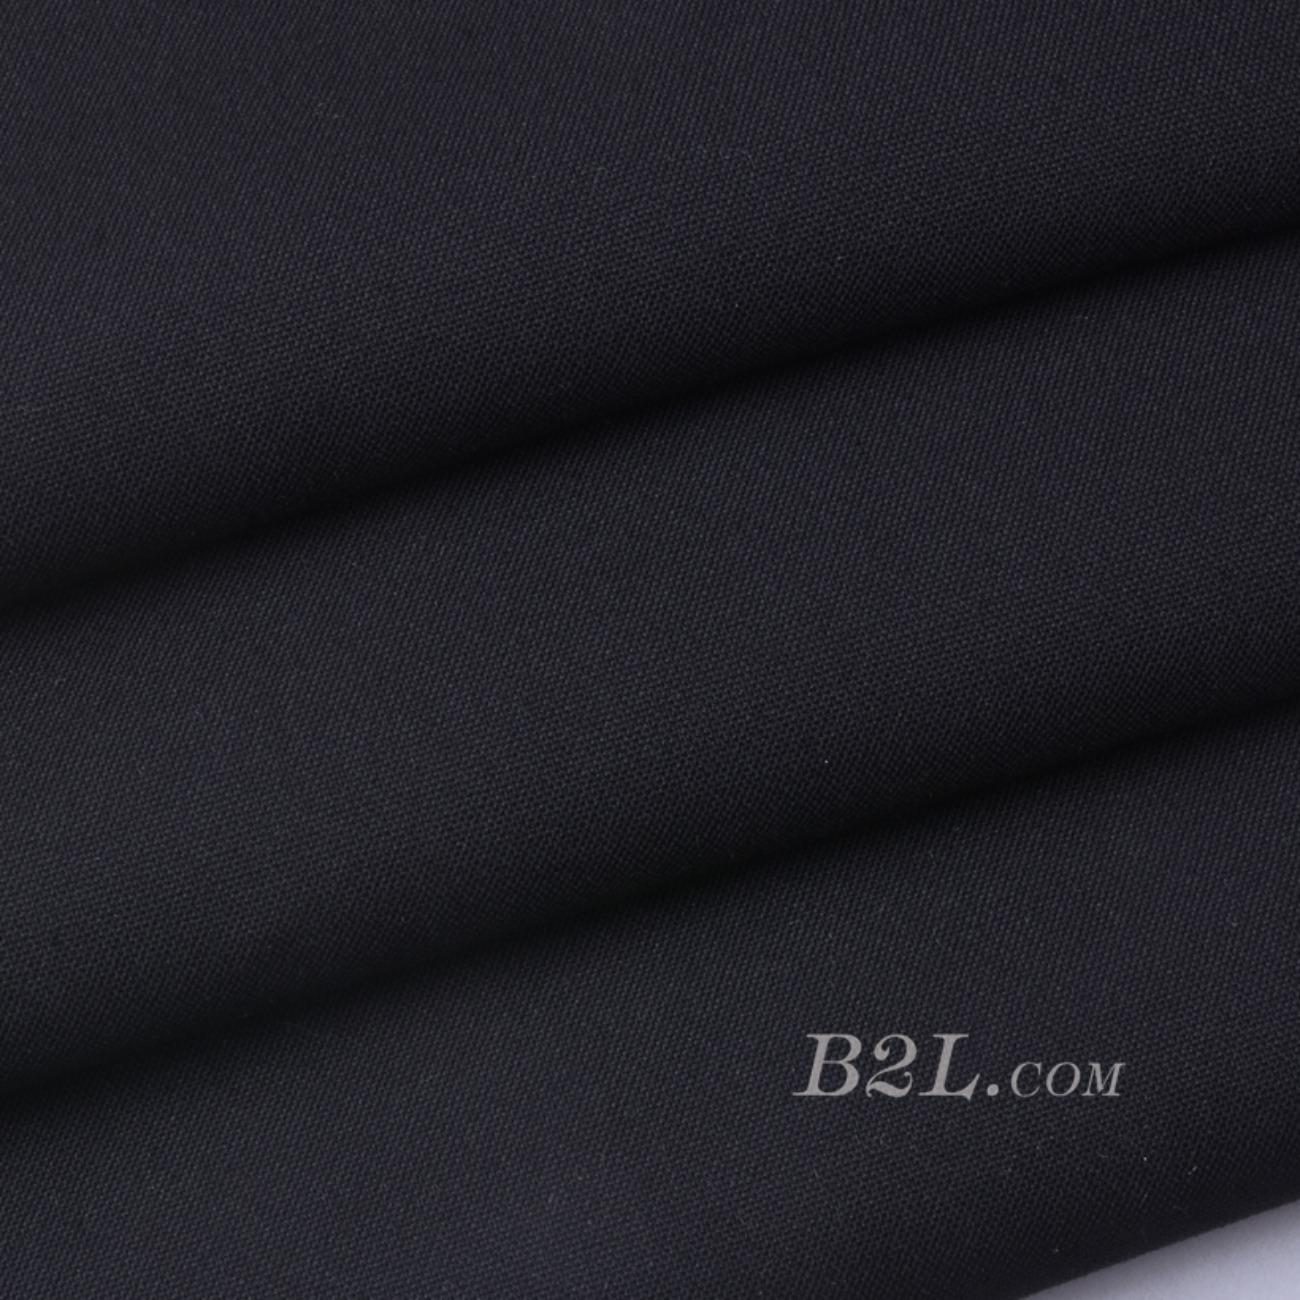 素色 梭織 染色 春秋 褲裝 外套 衛衣 91005-3-1